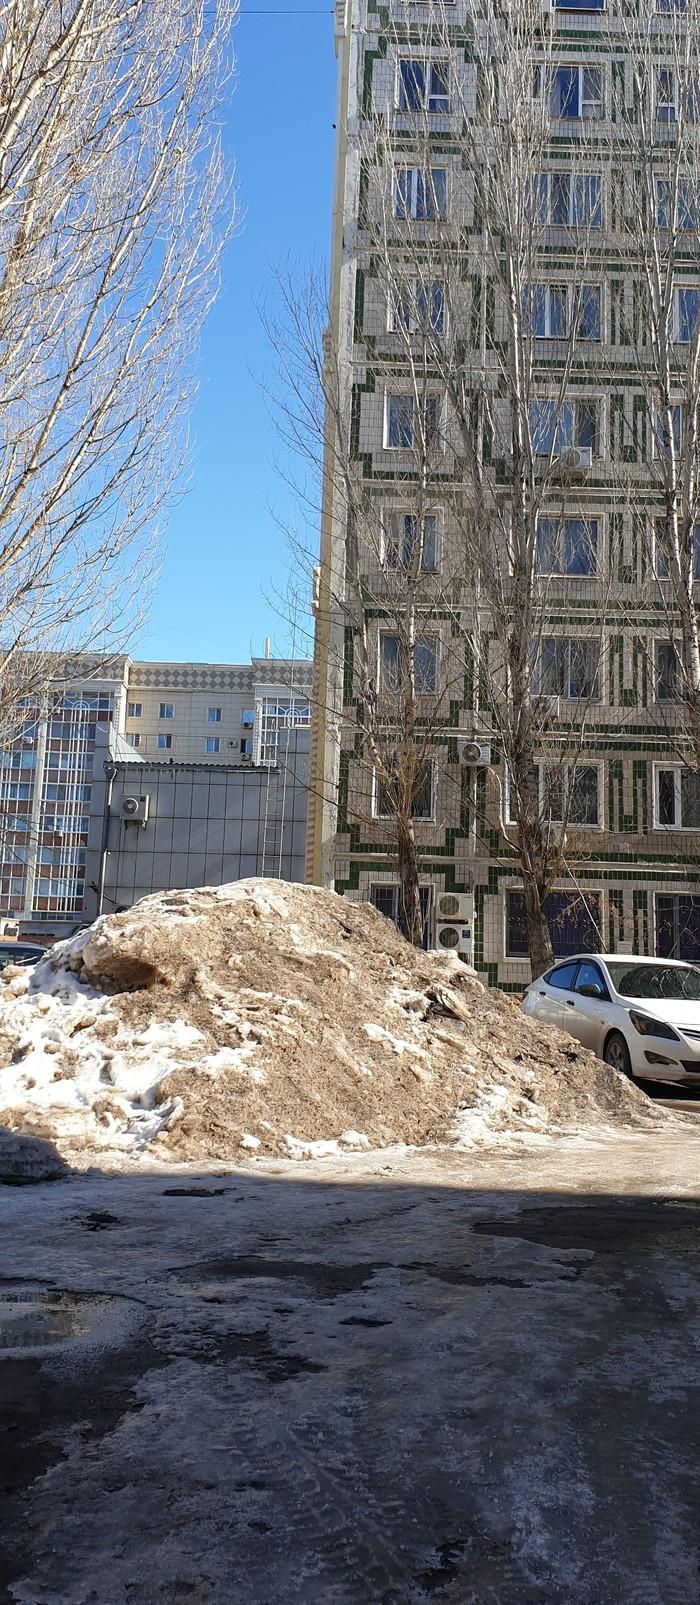 Как мы боремся с кучей снега Уборка снега, Акимат, Работа, Снег, Приложение, Казахстан, Длиннопост